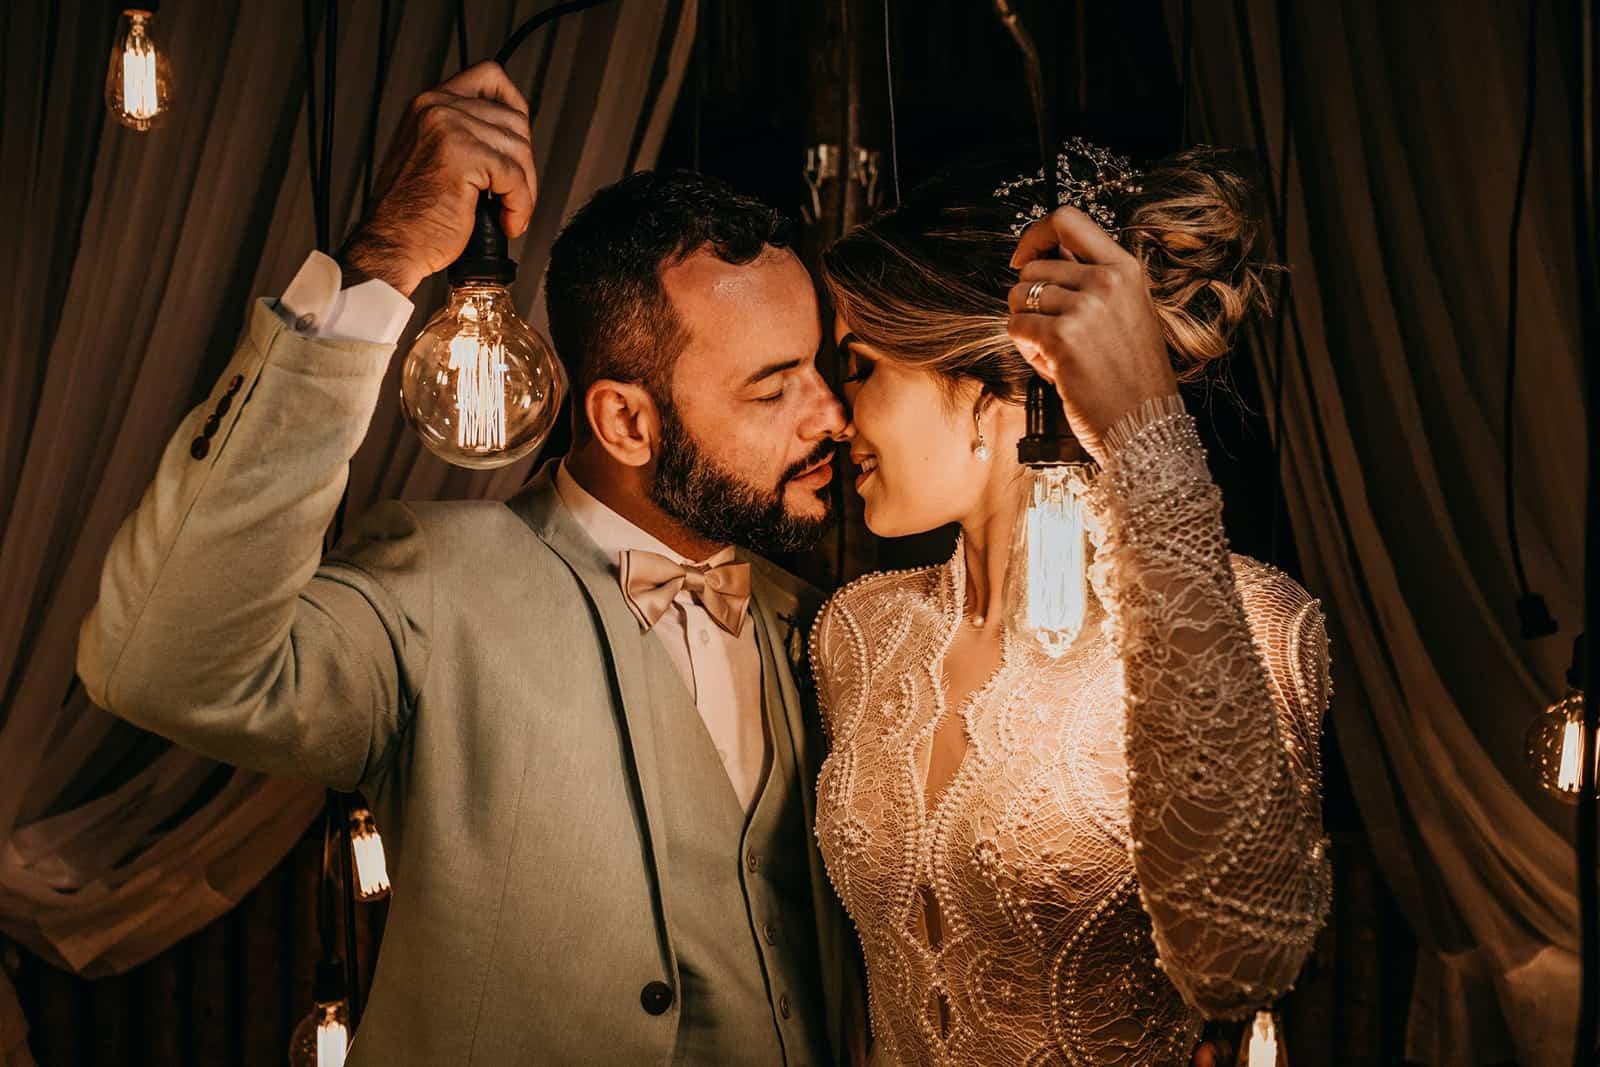 Hochzeitspaar hält Lichter kurz vor dem Kuss